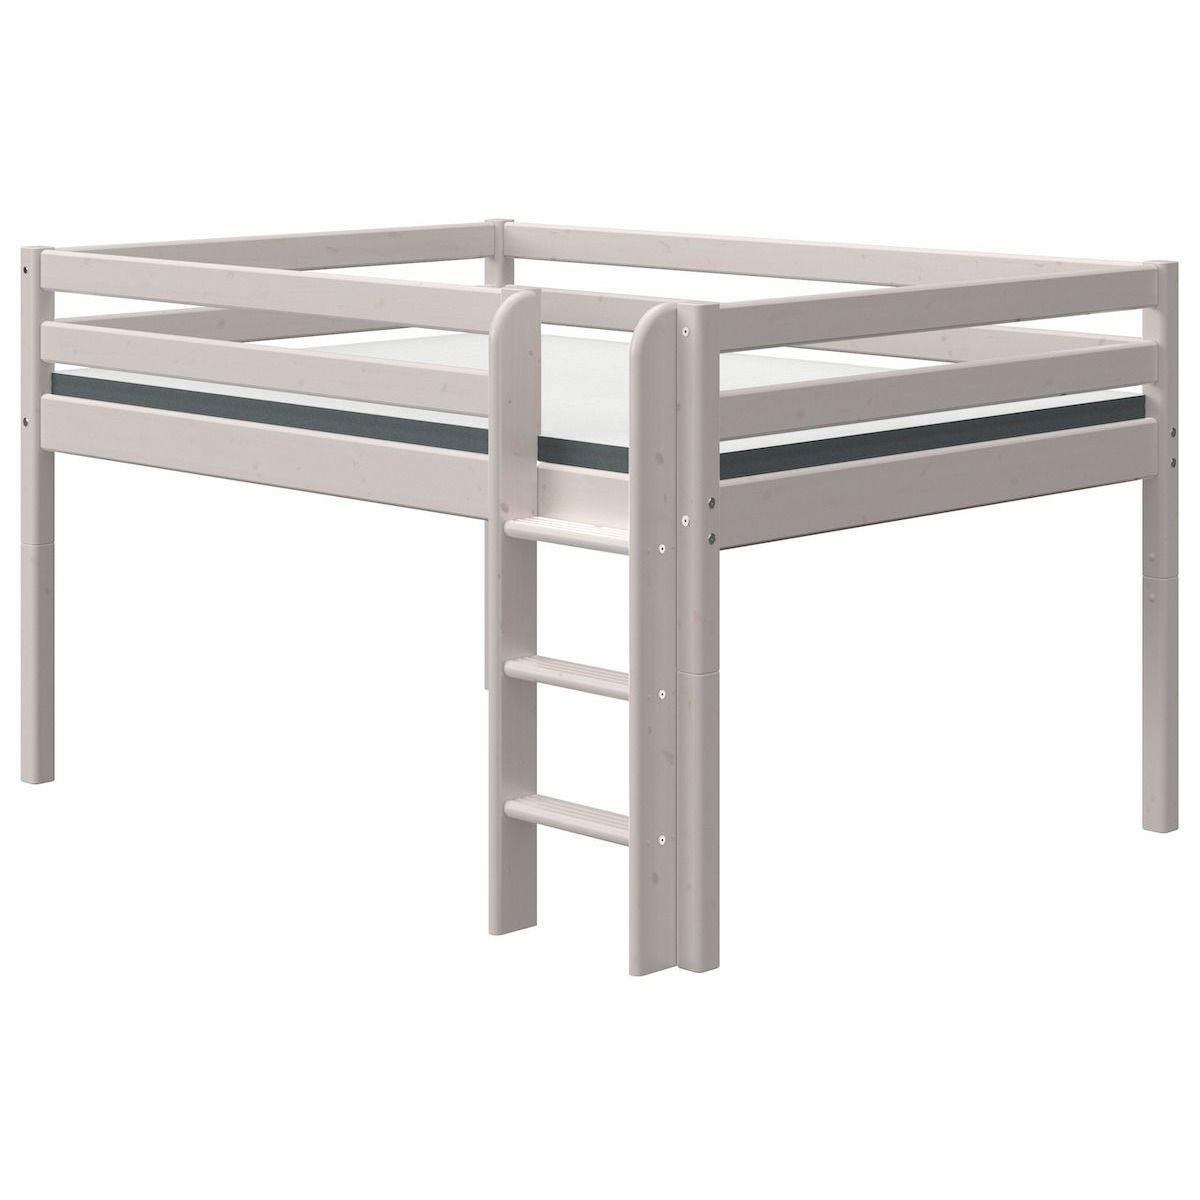 Cama media alta 140x190cm escalera recta CLASSIC Flexa grey washed